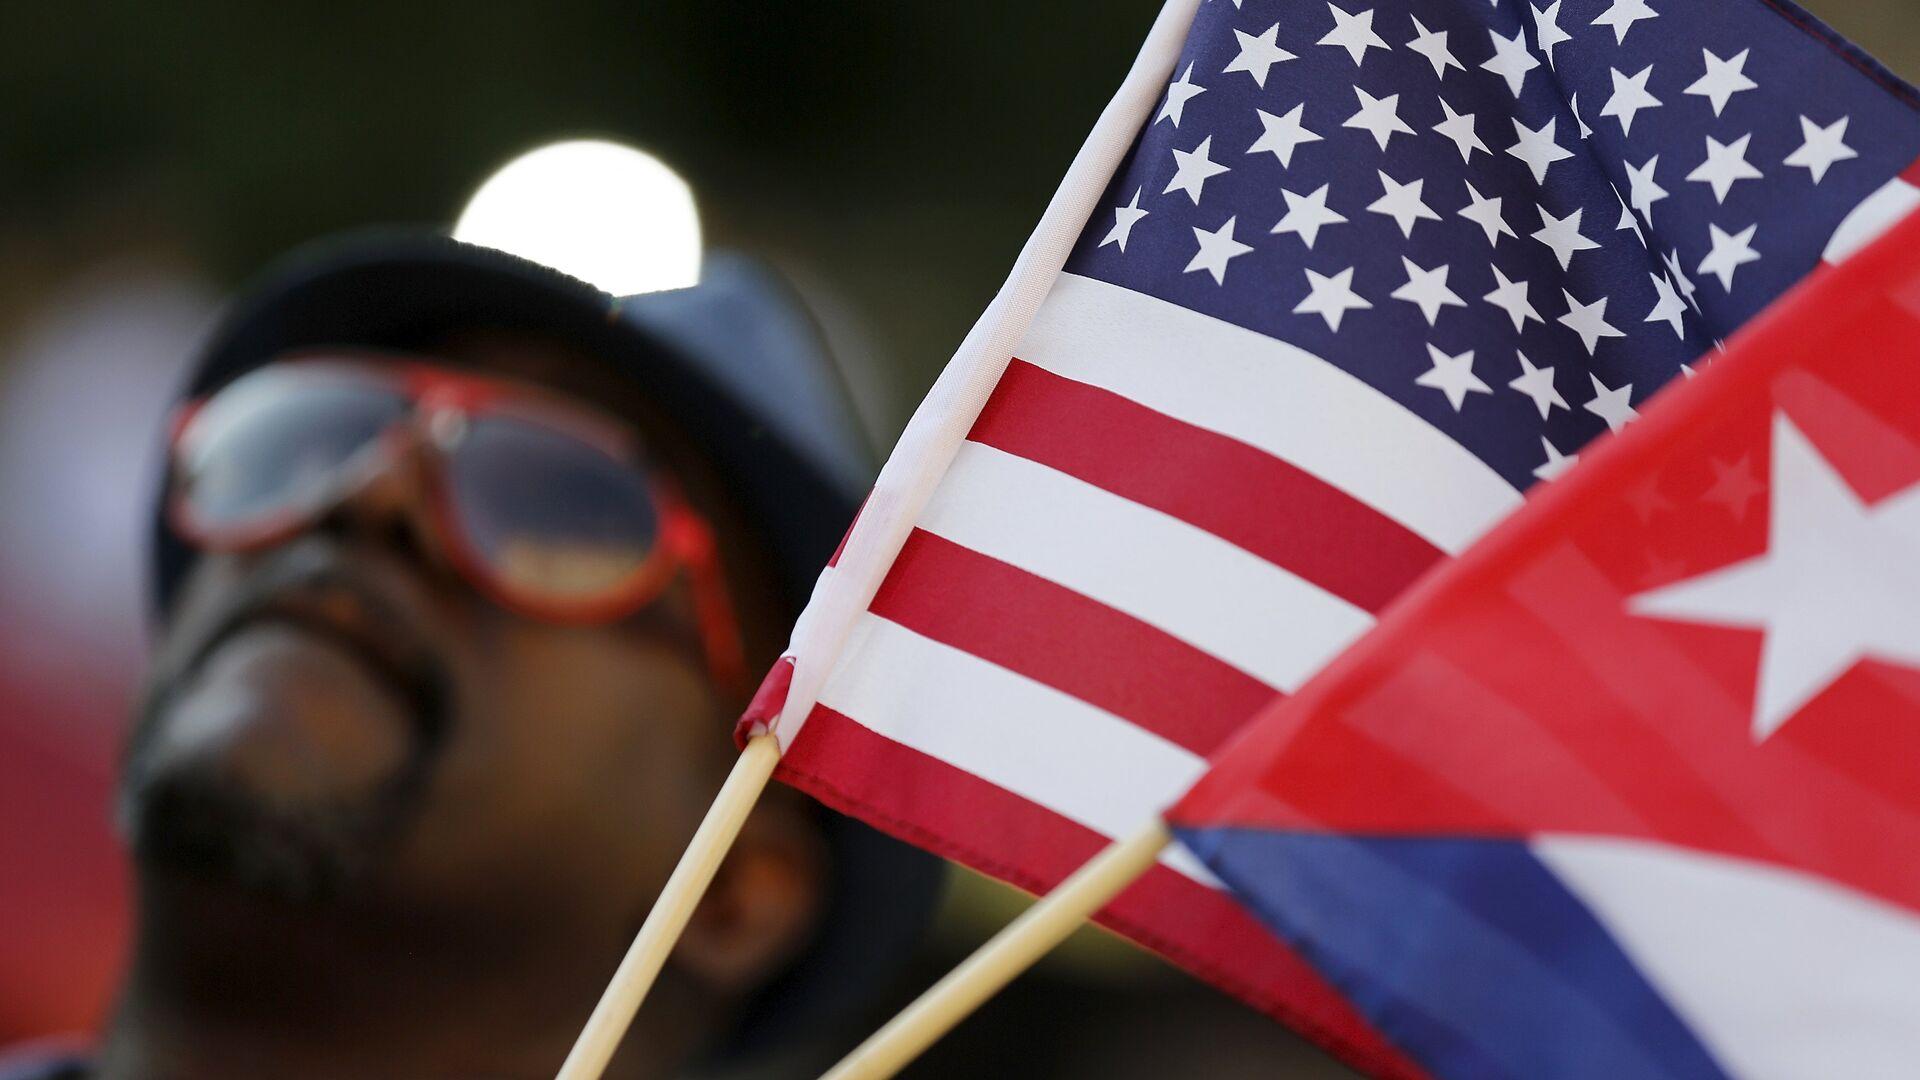 Banderas de EEUU y Cuba - Sputnik Mundo, 1920, 13.07.2021